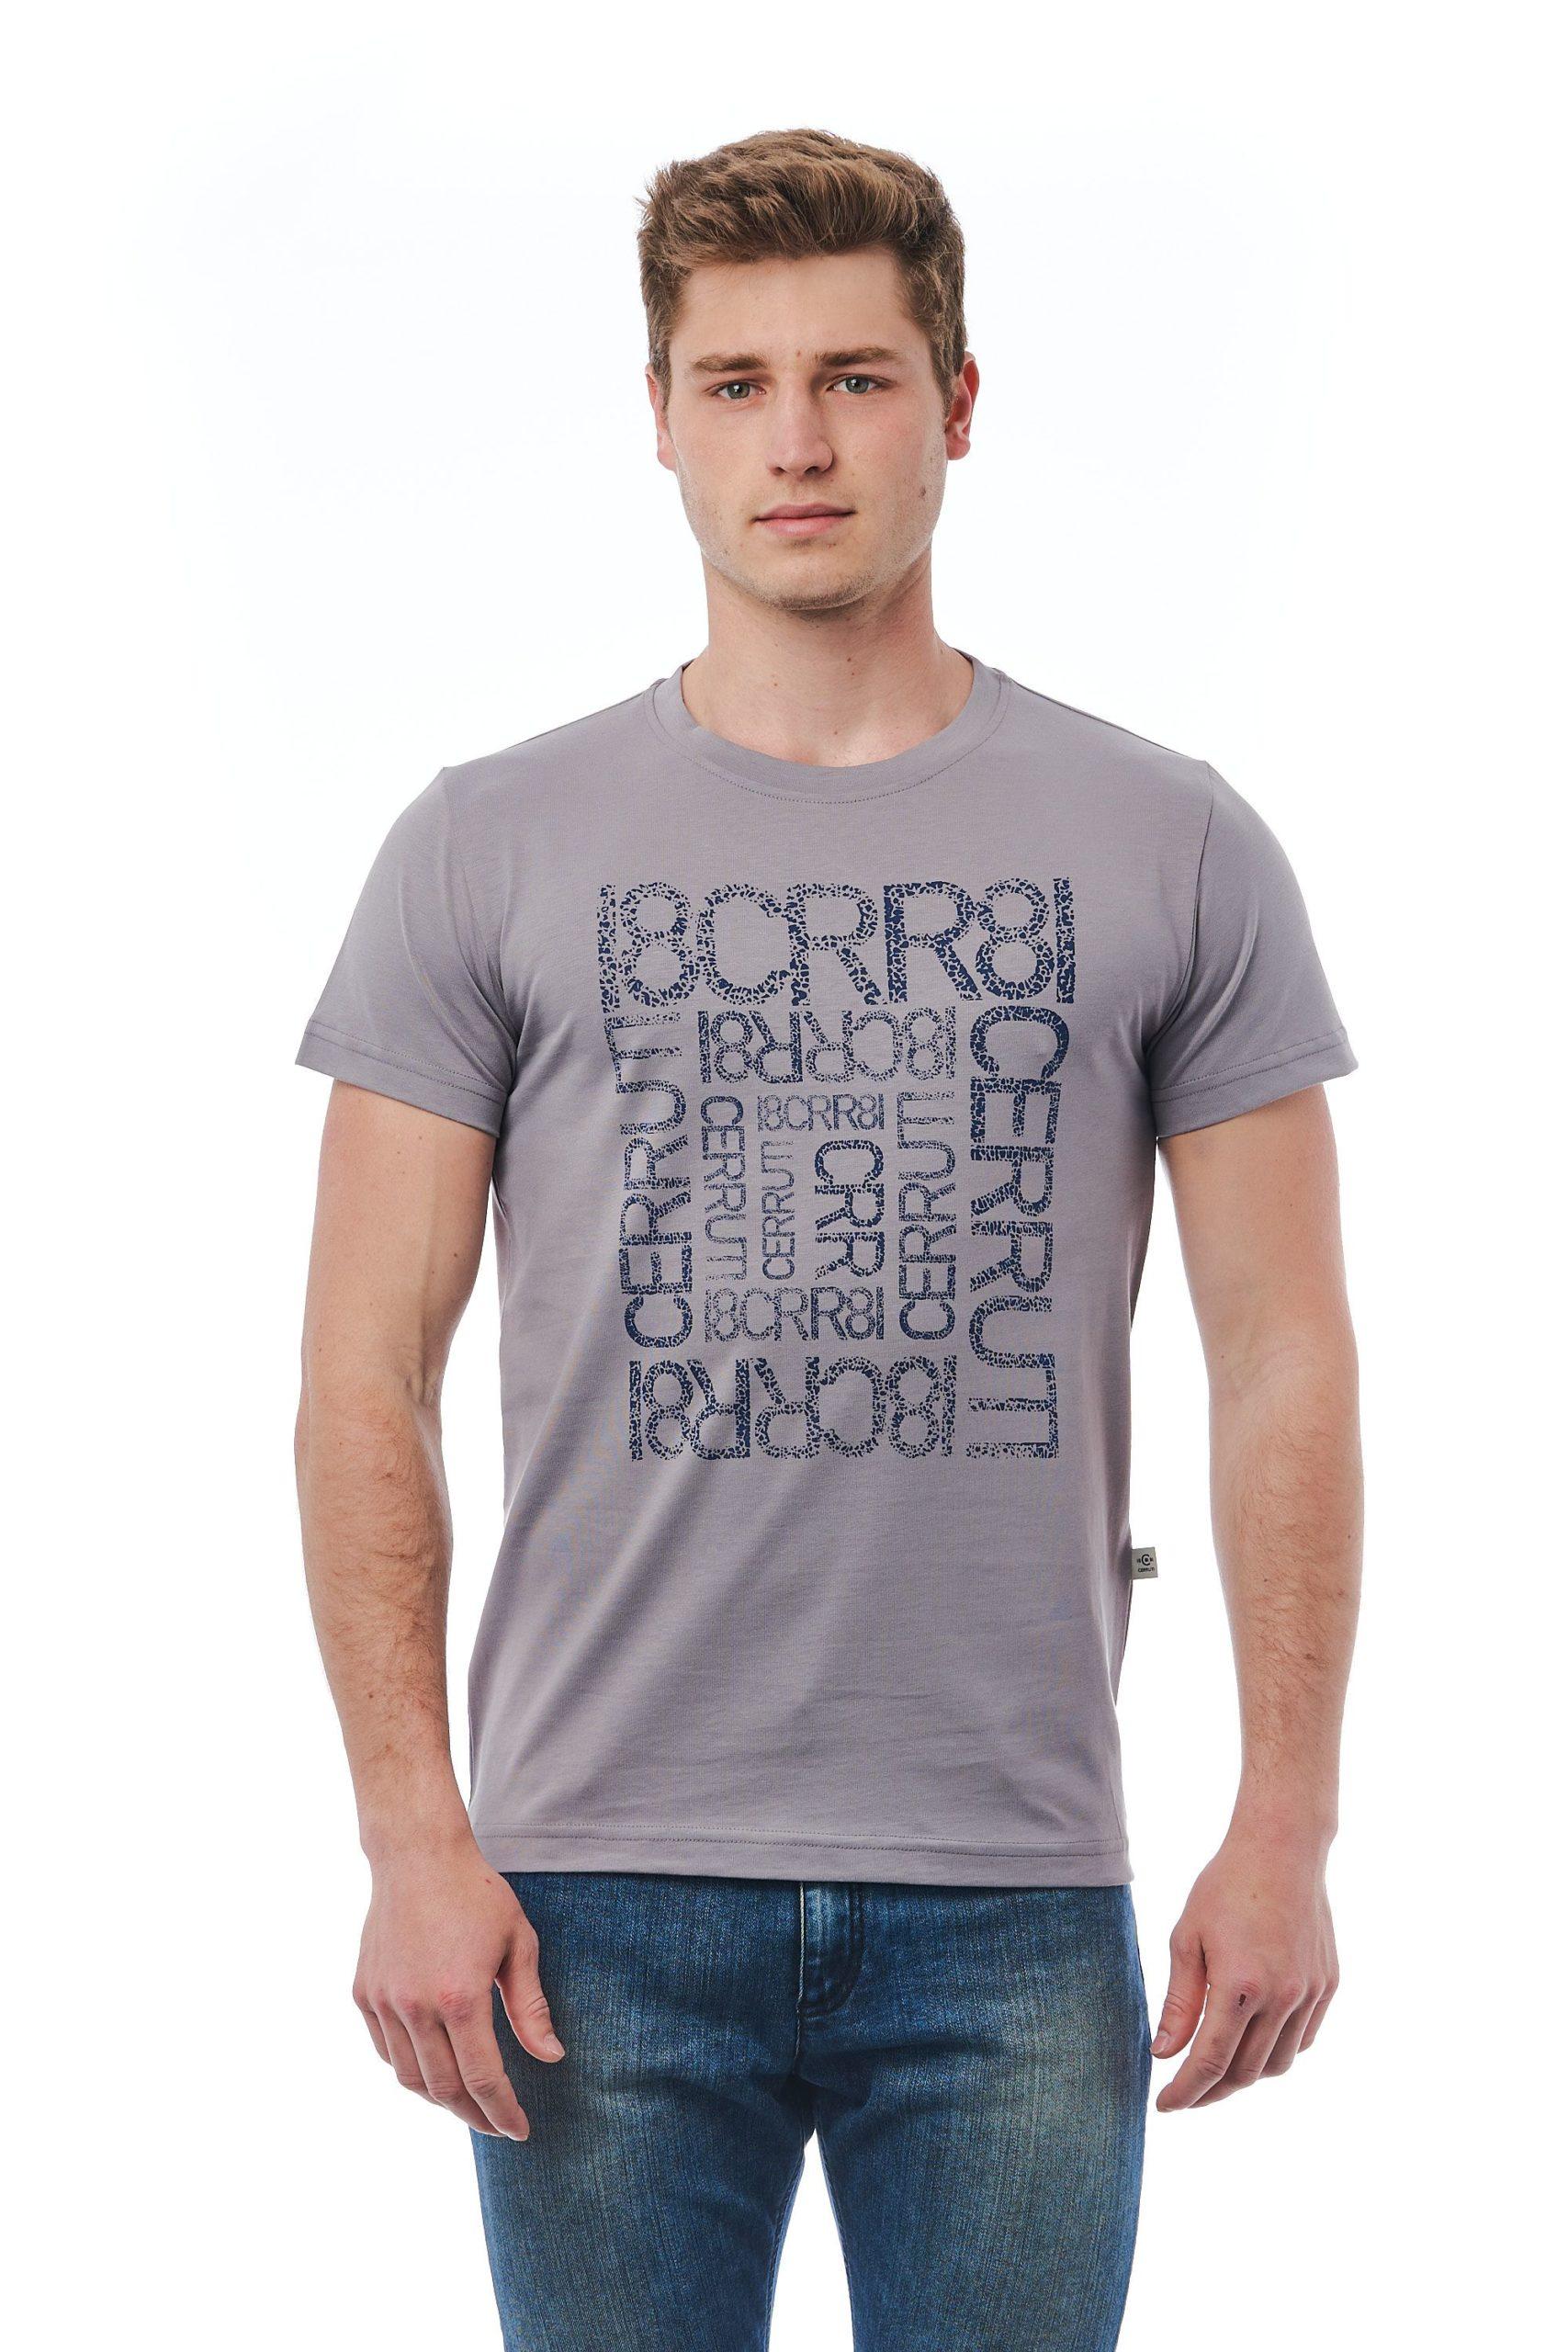 Cerruti 1881 Men's Grigio T-Shirt Grey CE1409956 - M